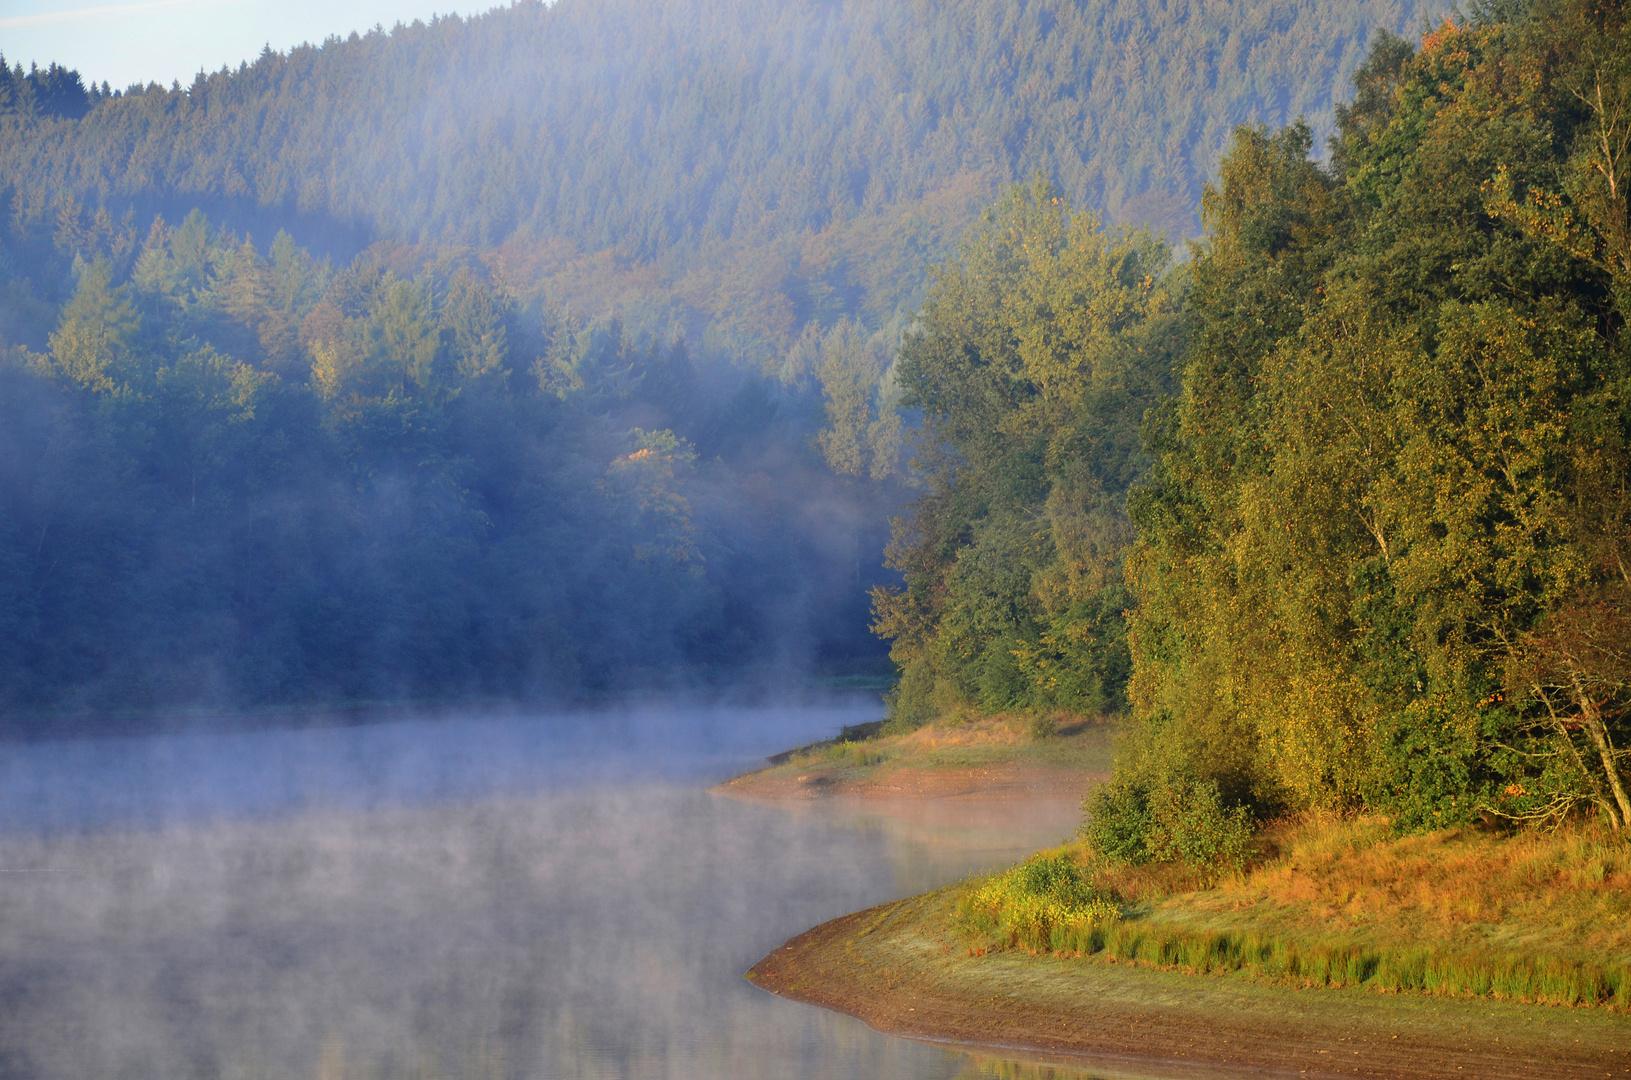 Herbstlicher Sonnenaufgang am Talsperrenufer